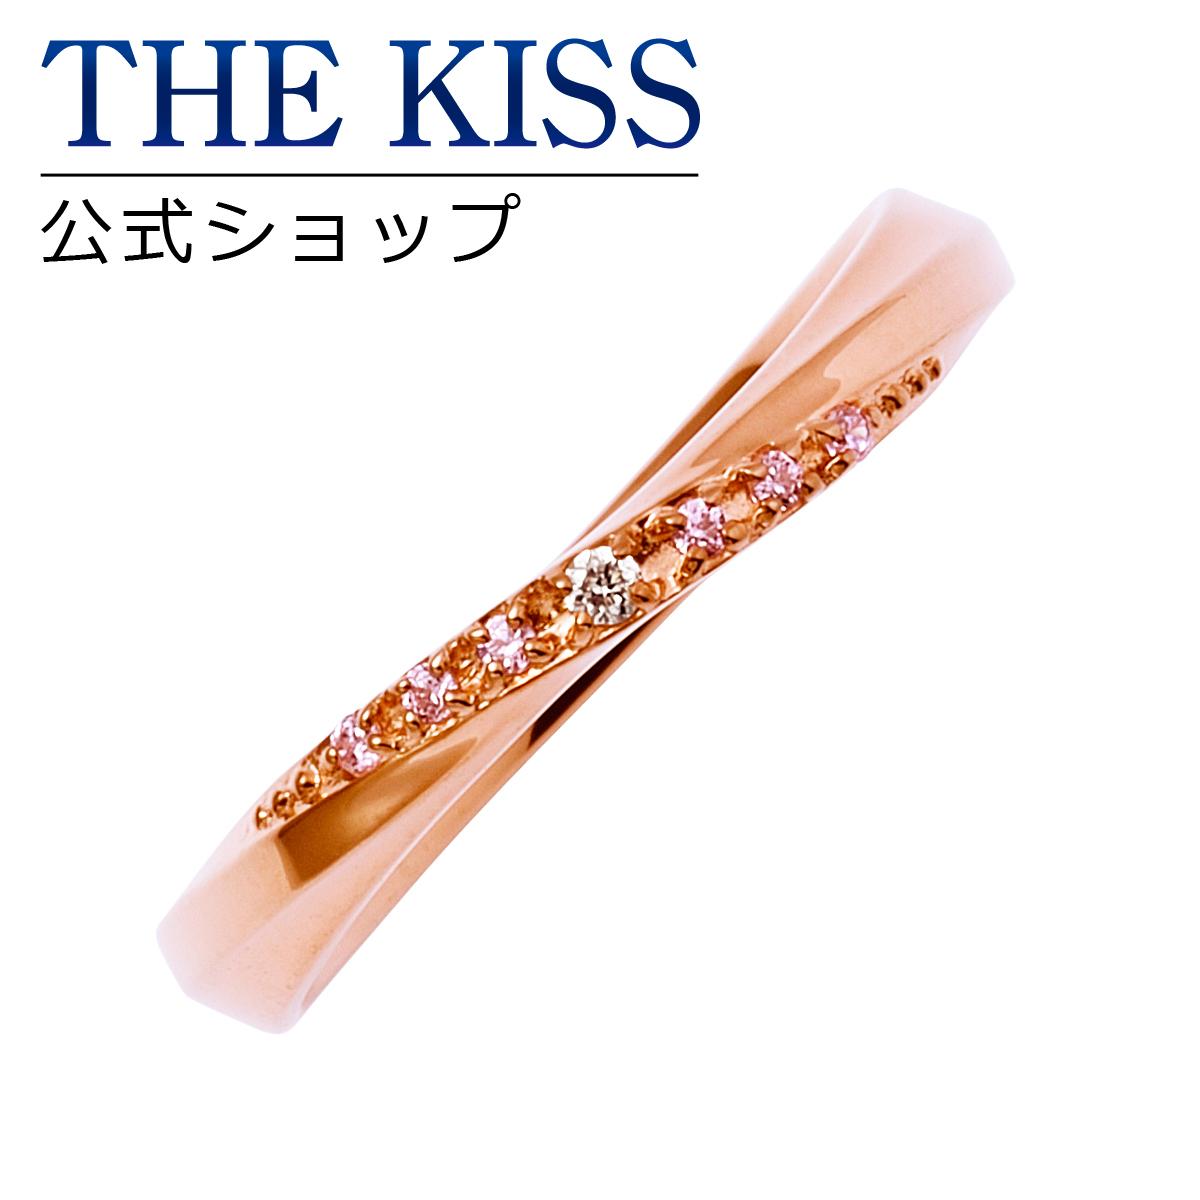 贅沢屋の 【あす楽対応】THE KISS 公式サイト シルバー KISS ペアリング ( レディース SR1853DM 単品 人気 ) ダイヤモンド ペアアクセサリー カップル に 人気 の ジュエリーブランド THEKISS ペア リング・指輪 記念日 プレゼント SR1853DM ザキス【送料無料】, イーパーツ:02b1ef16 --- mokodusi.xyz